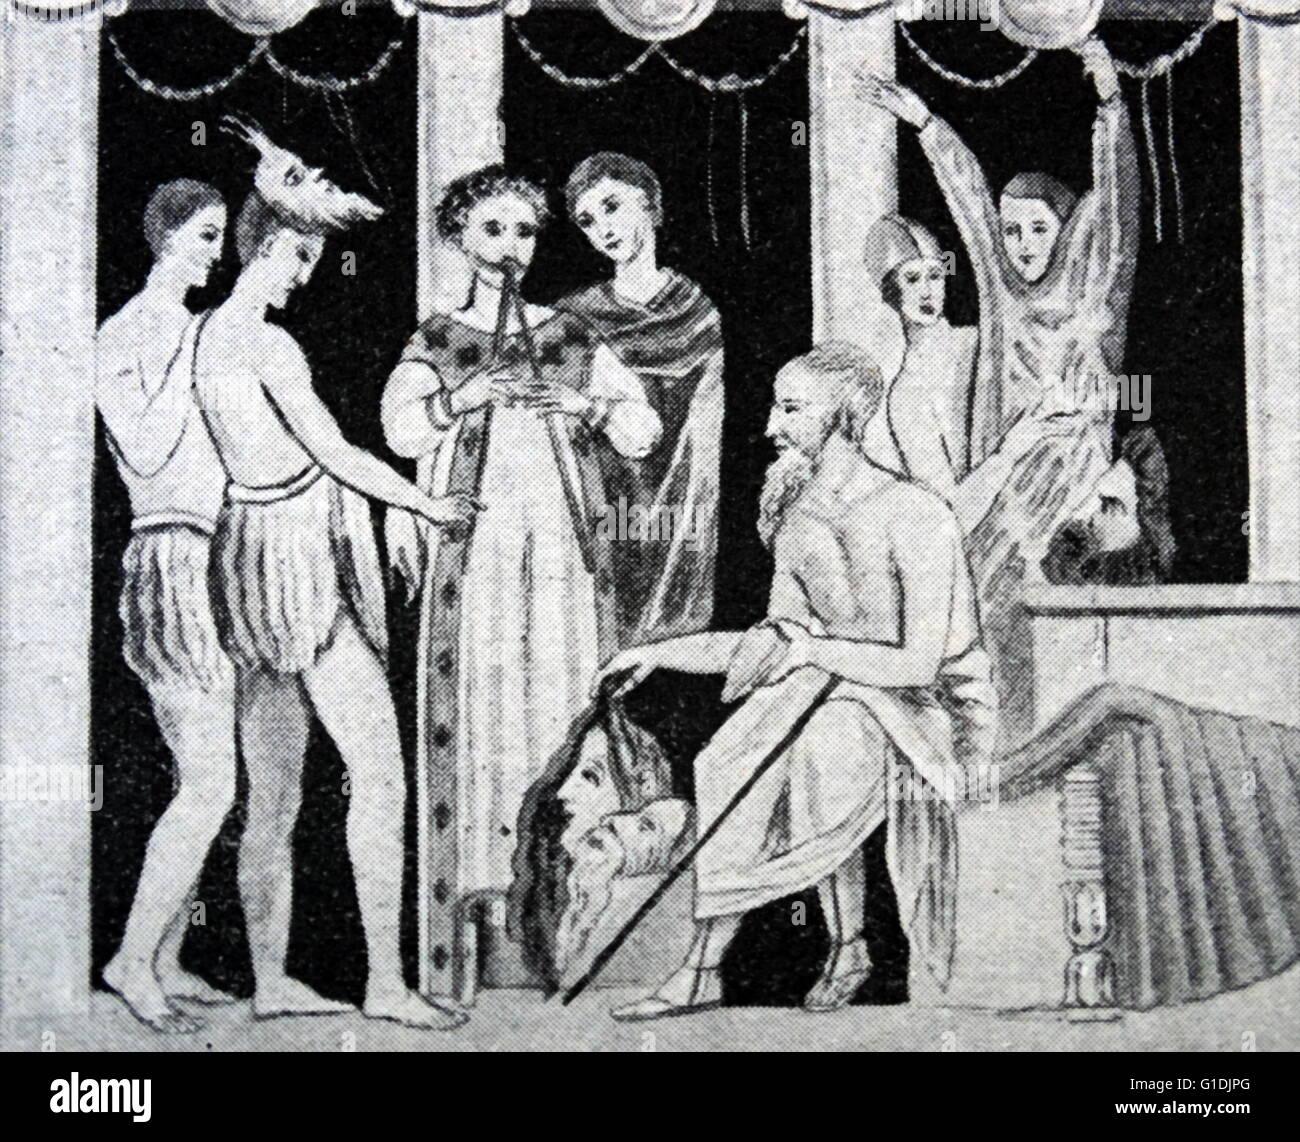 Darstellung einer Szenenverlaufs aus einem Comic Mosaik spielen in Pompeji Stockbild